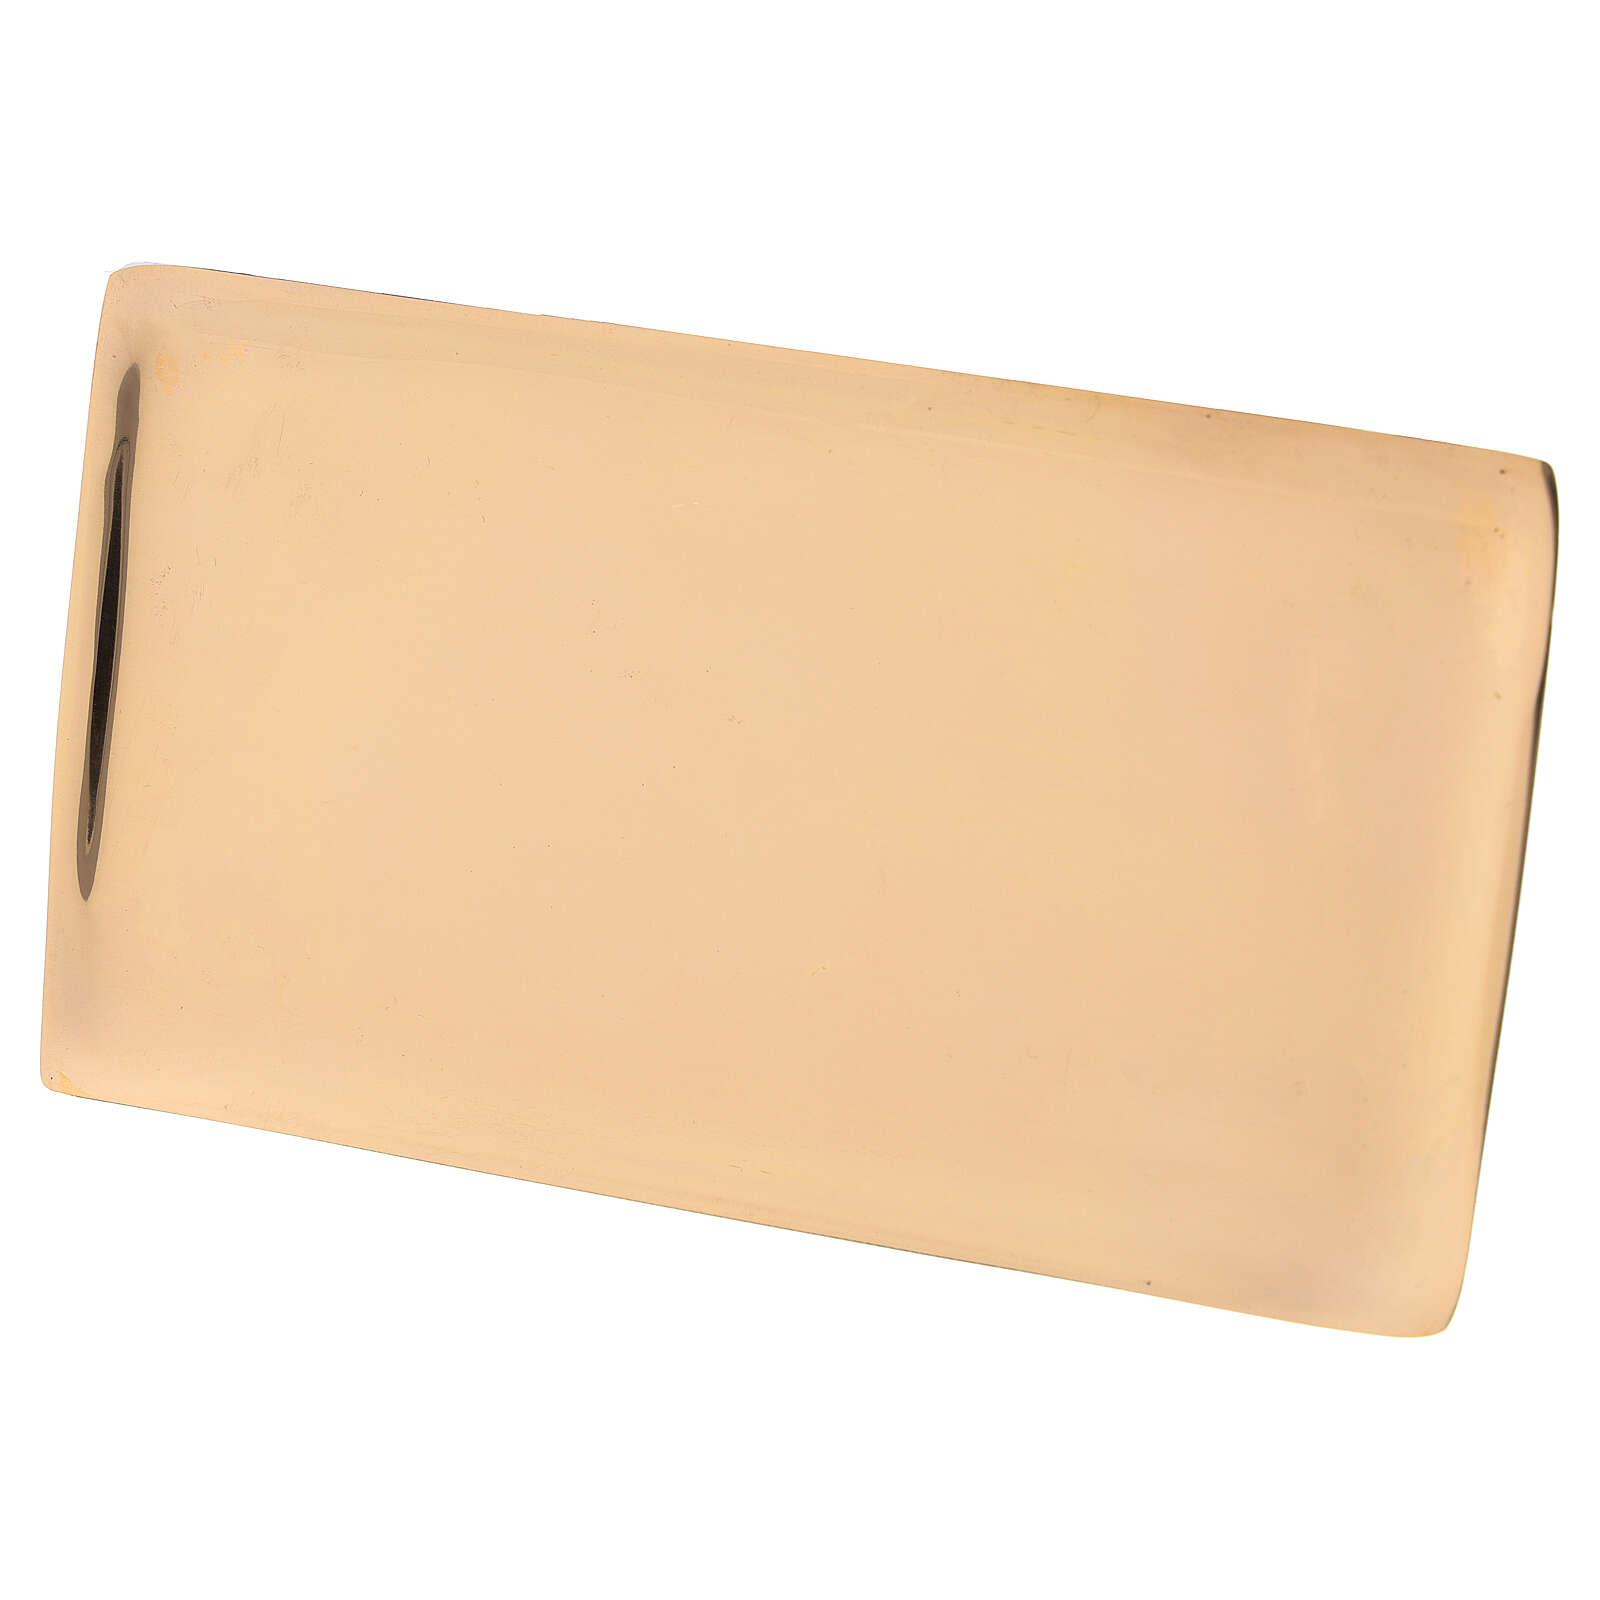 Plato portavela rectangular latón dorado lúcido 17x9 cm 3